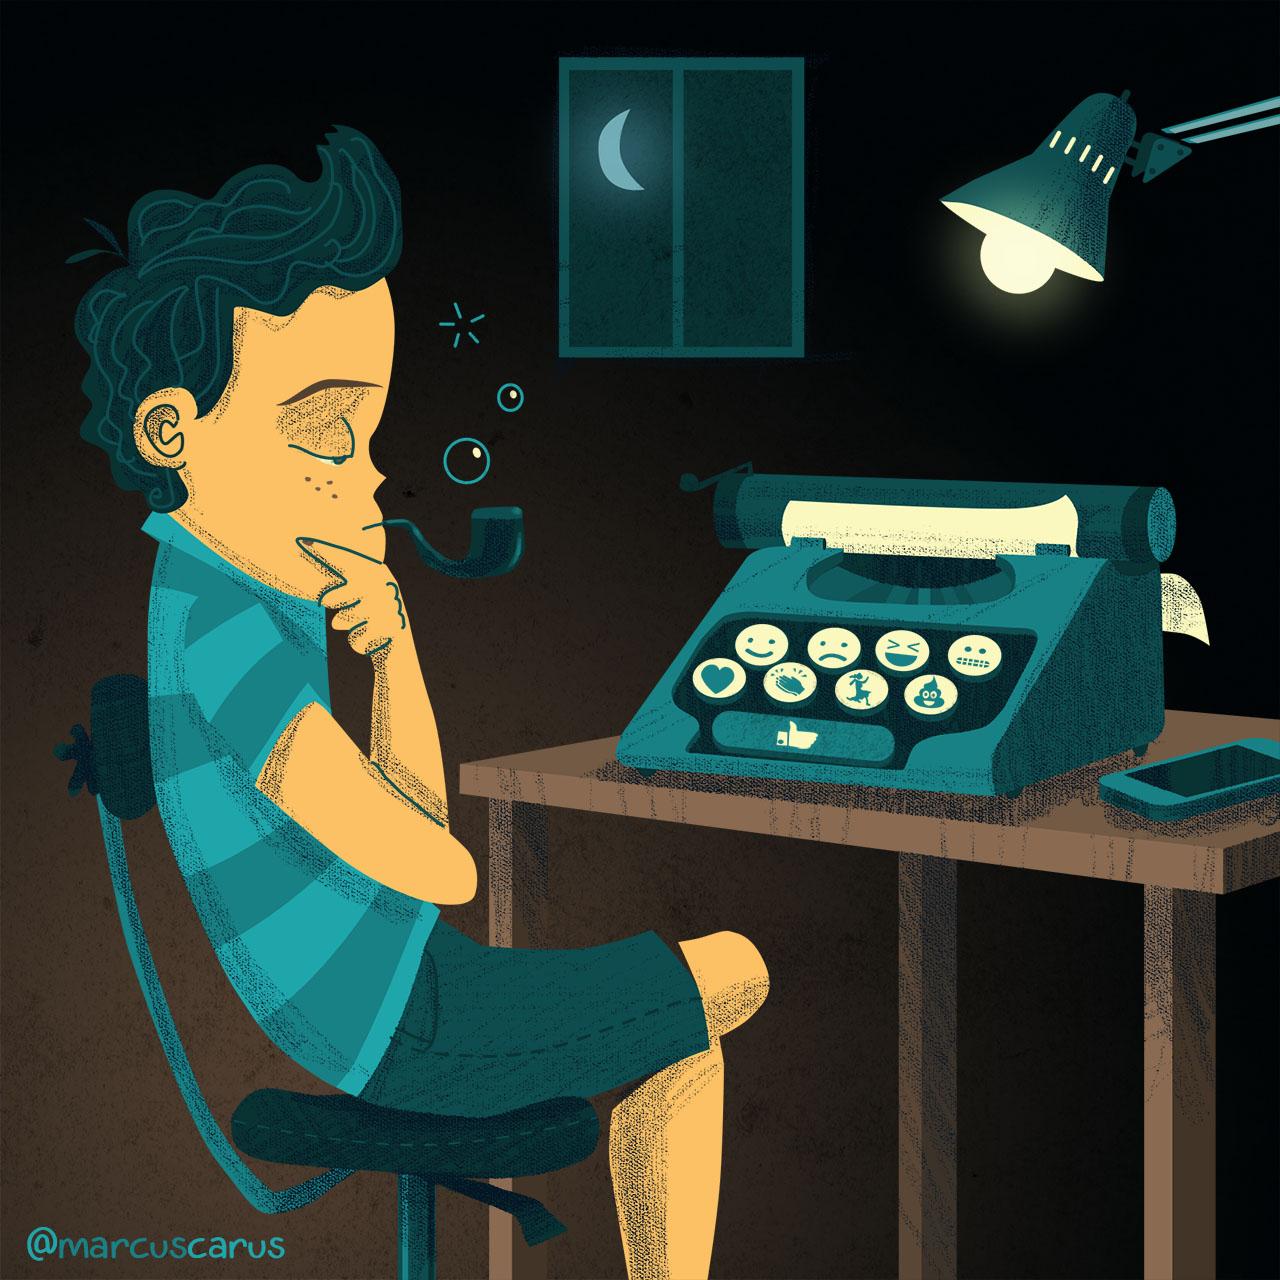 emoticonos emojis escribir educación education lenguaje languaje ilustración ilustration facebook metafora metaphore typewriter maquina escribir